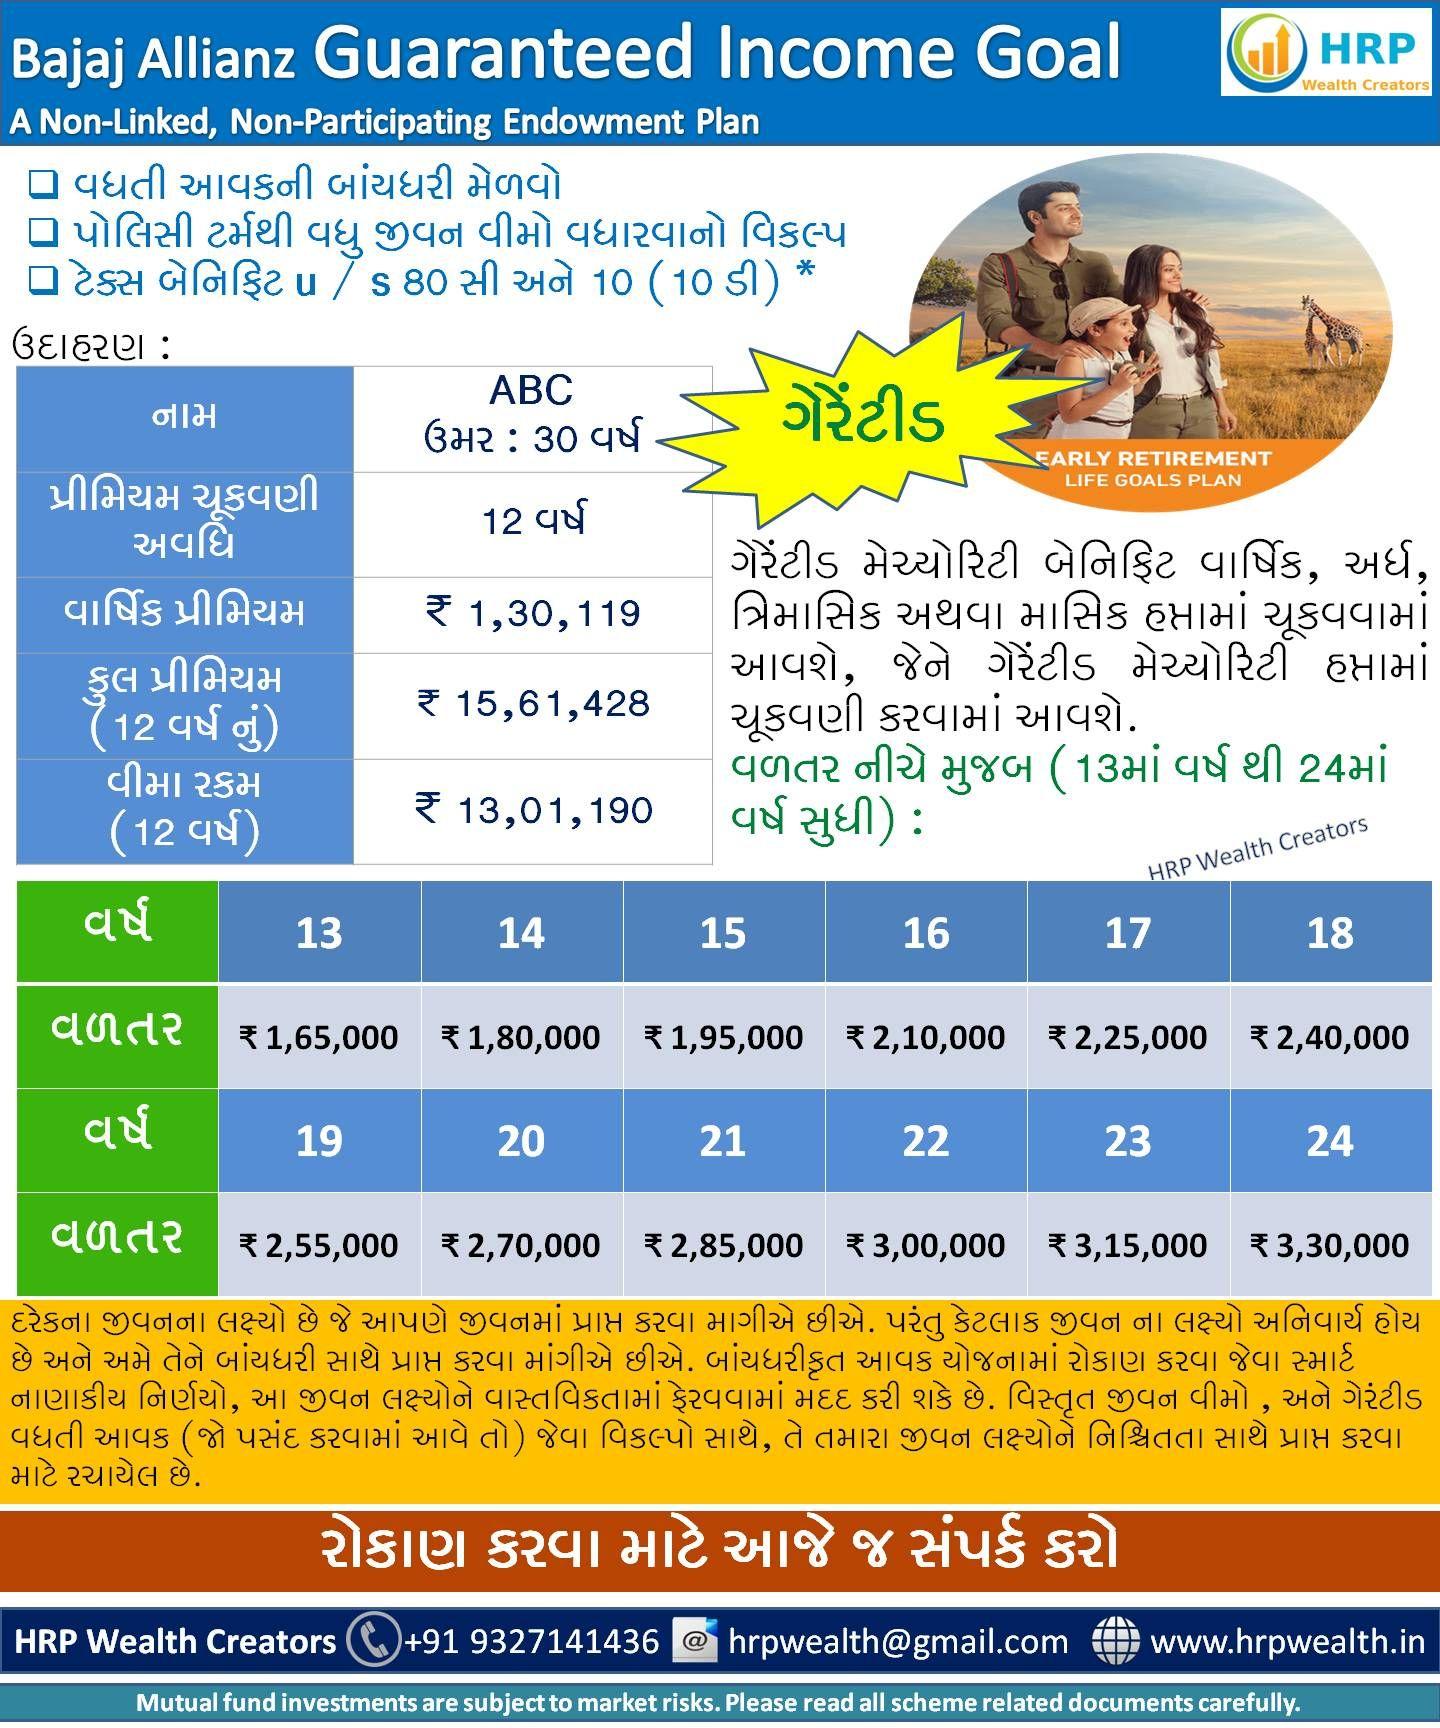 Bajaj Allianz Life Guaranteed Income Goal ગ ર ટ ડ